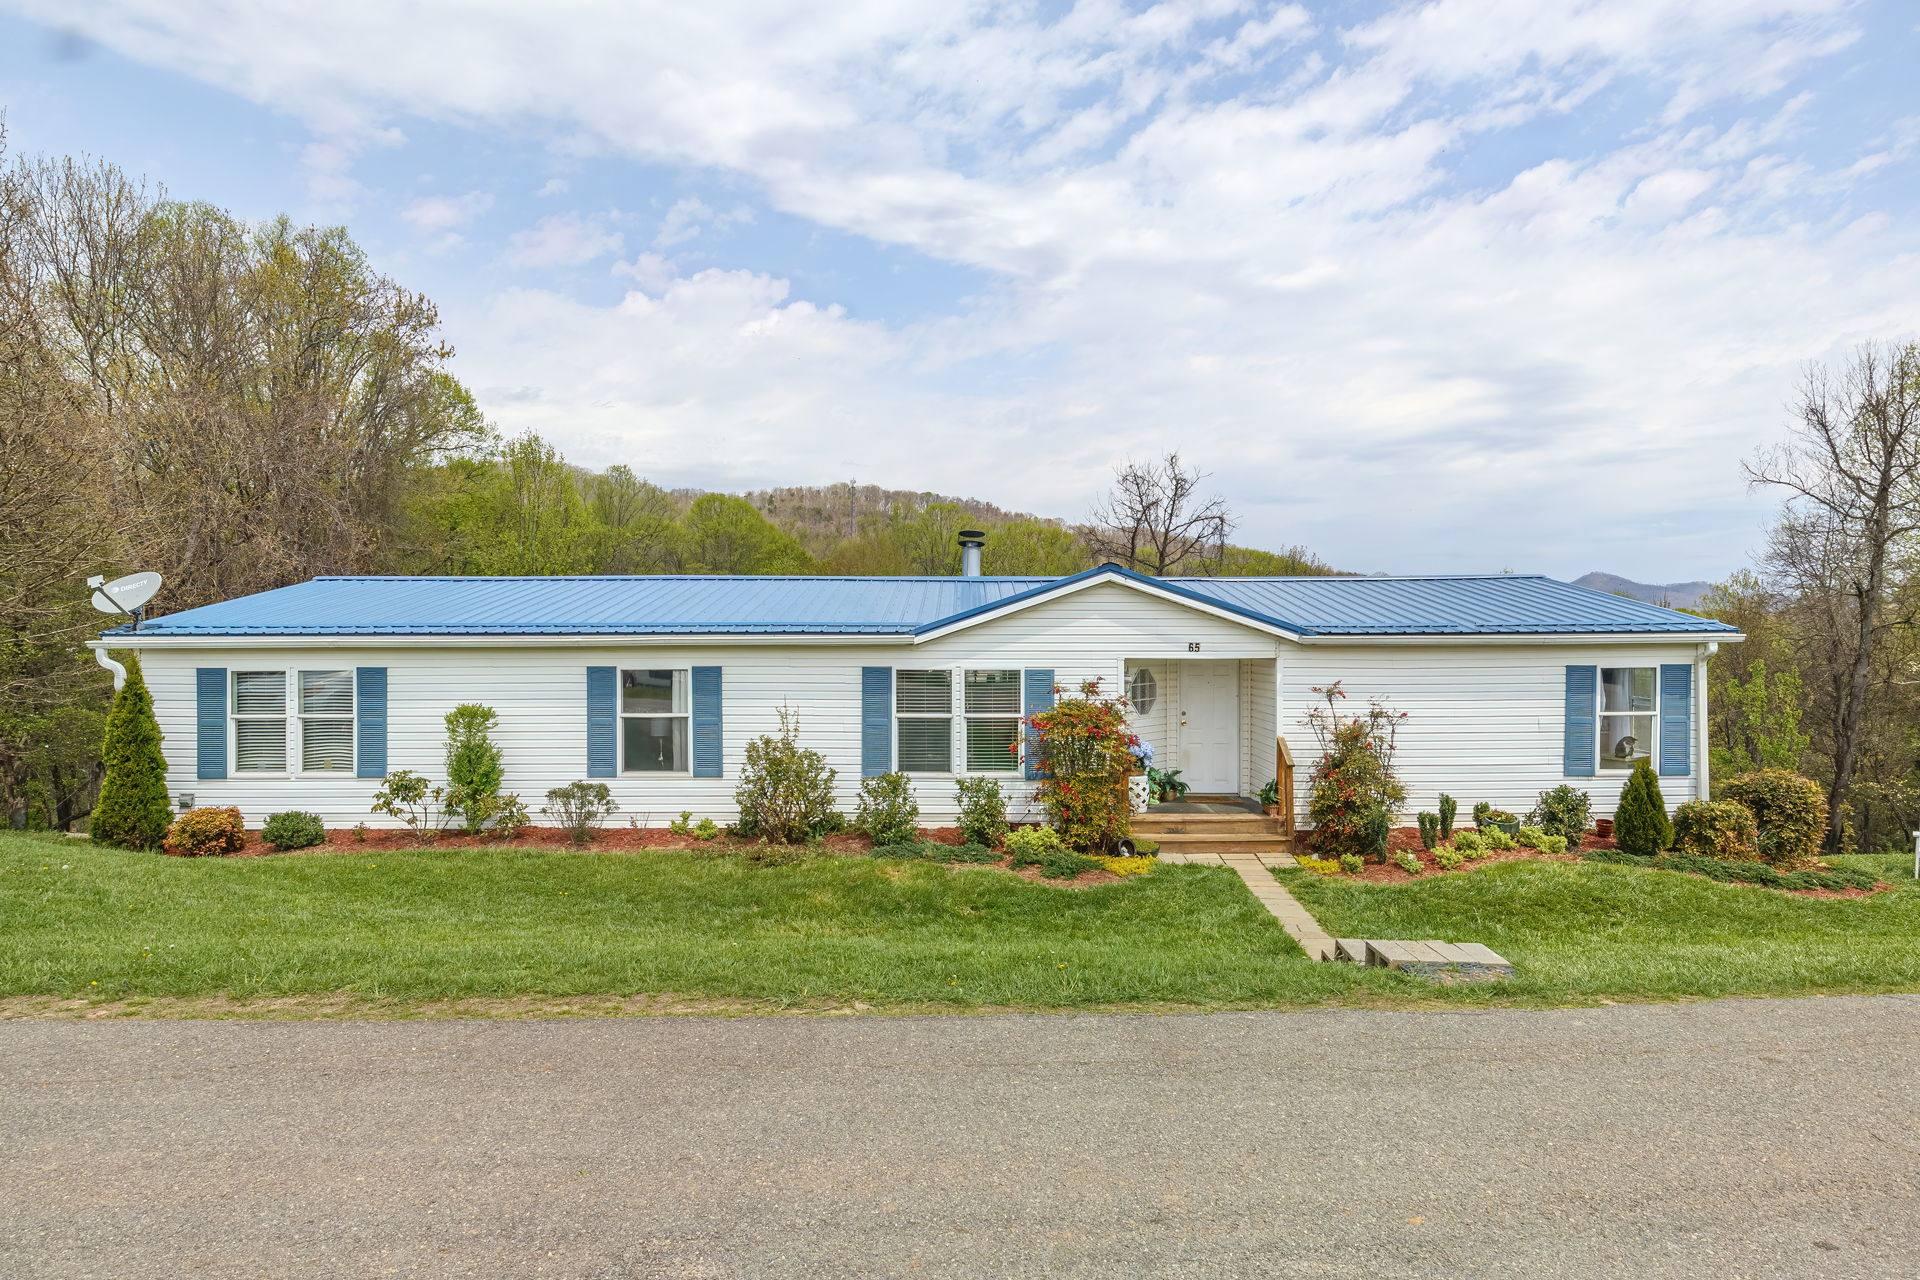 65 Hillcrest Dr, Candler, NC 28715, US